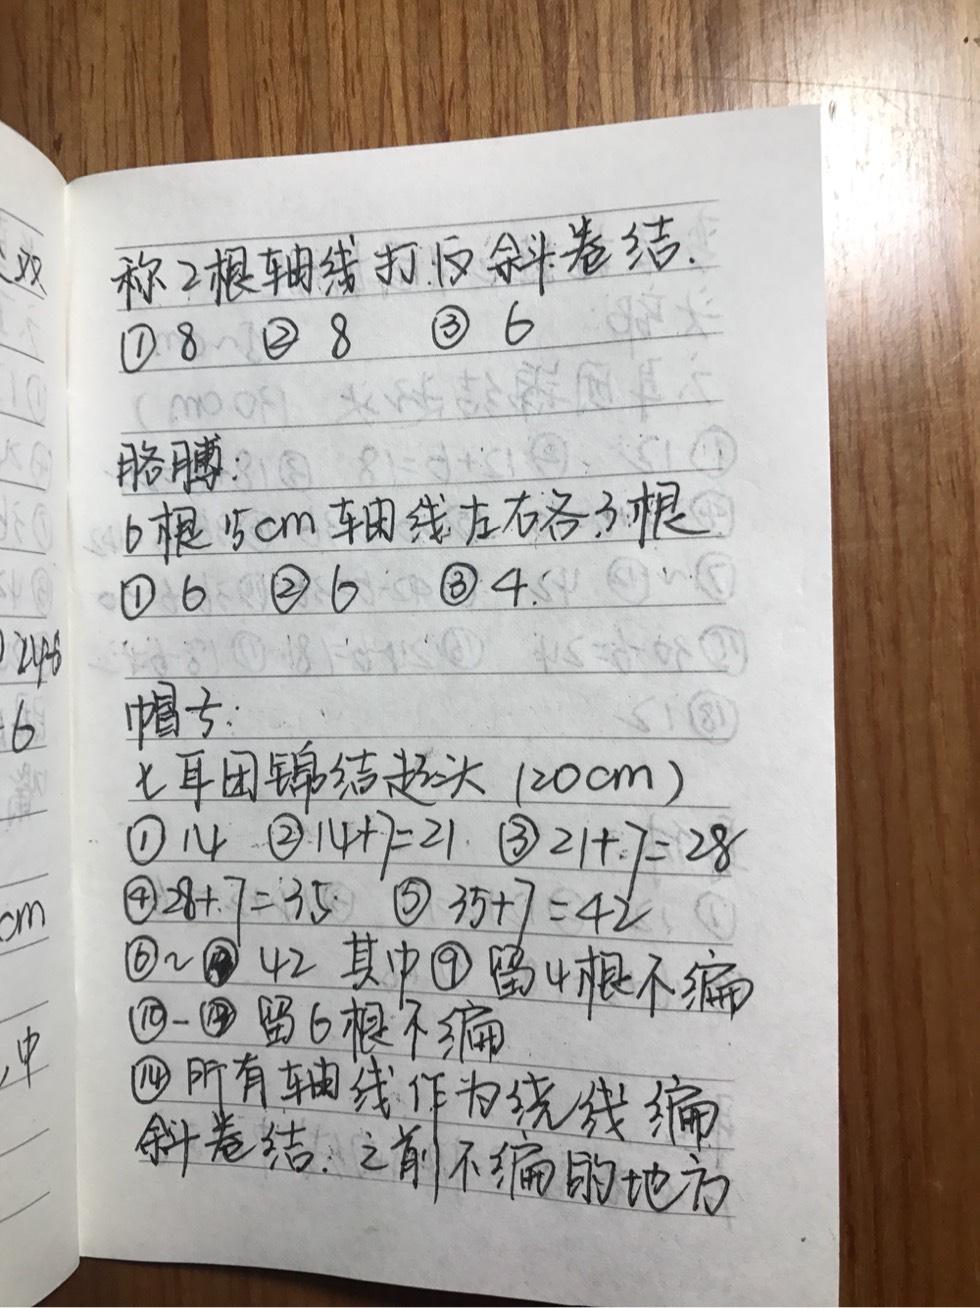 中国结论坛 变装娃娃  立体绳结教程与交流区 201020wm4m5fobnmak4mm1